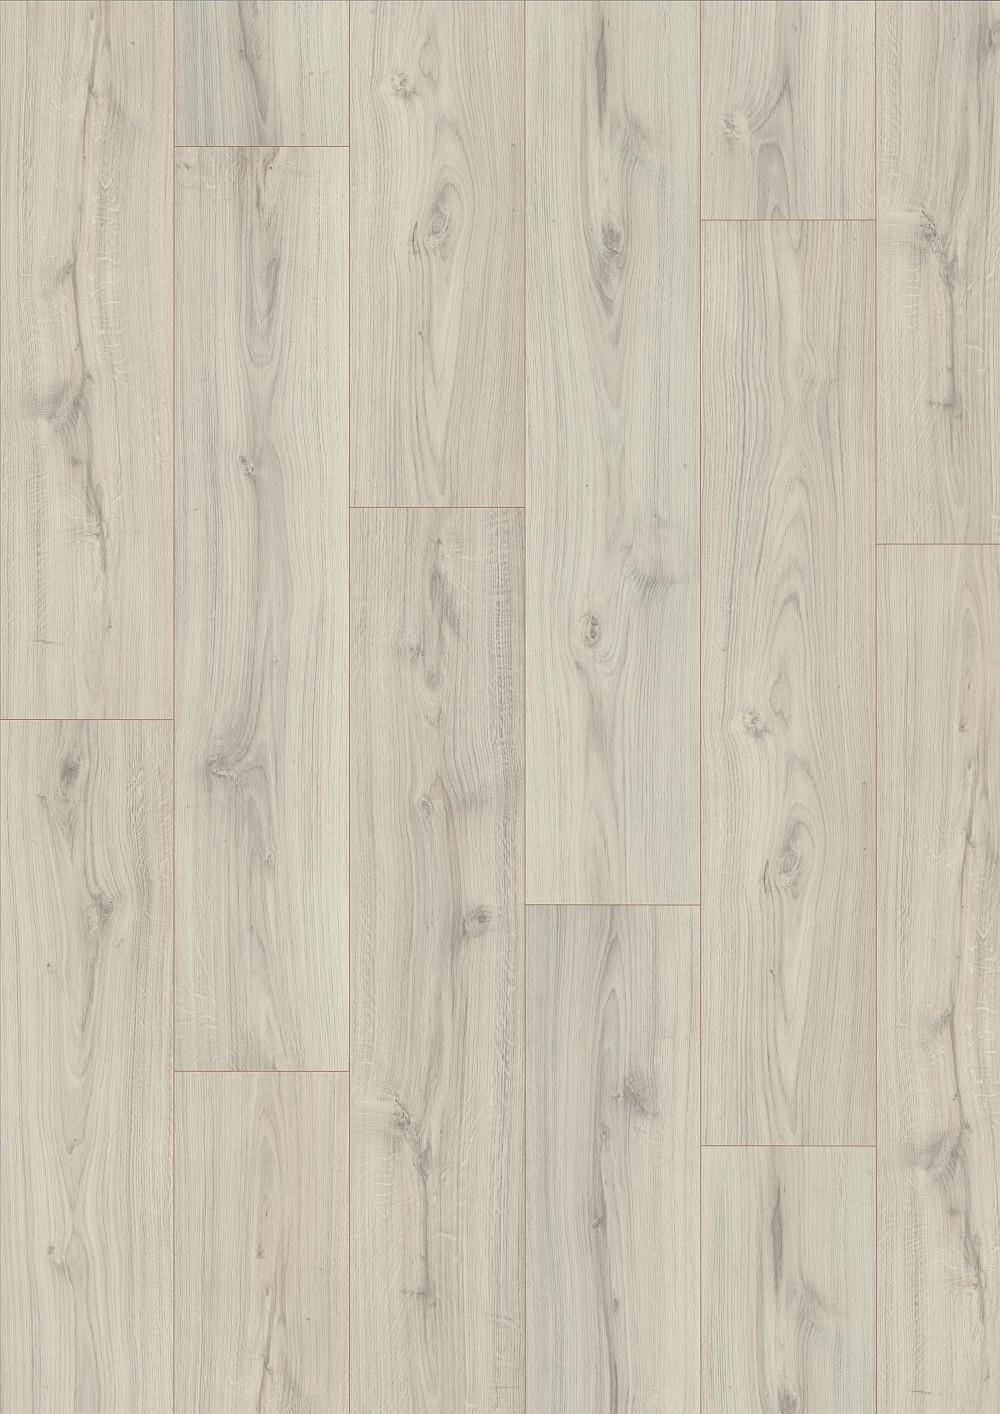 Korková plovoucí podlaha EGGER Cork+ Large (Dub divoký křídový EGGER CO LA 2024)